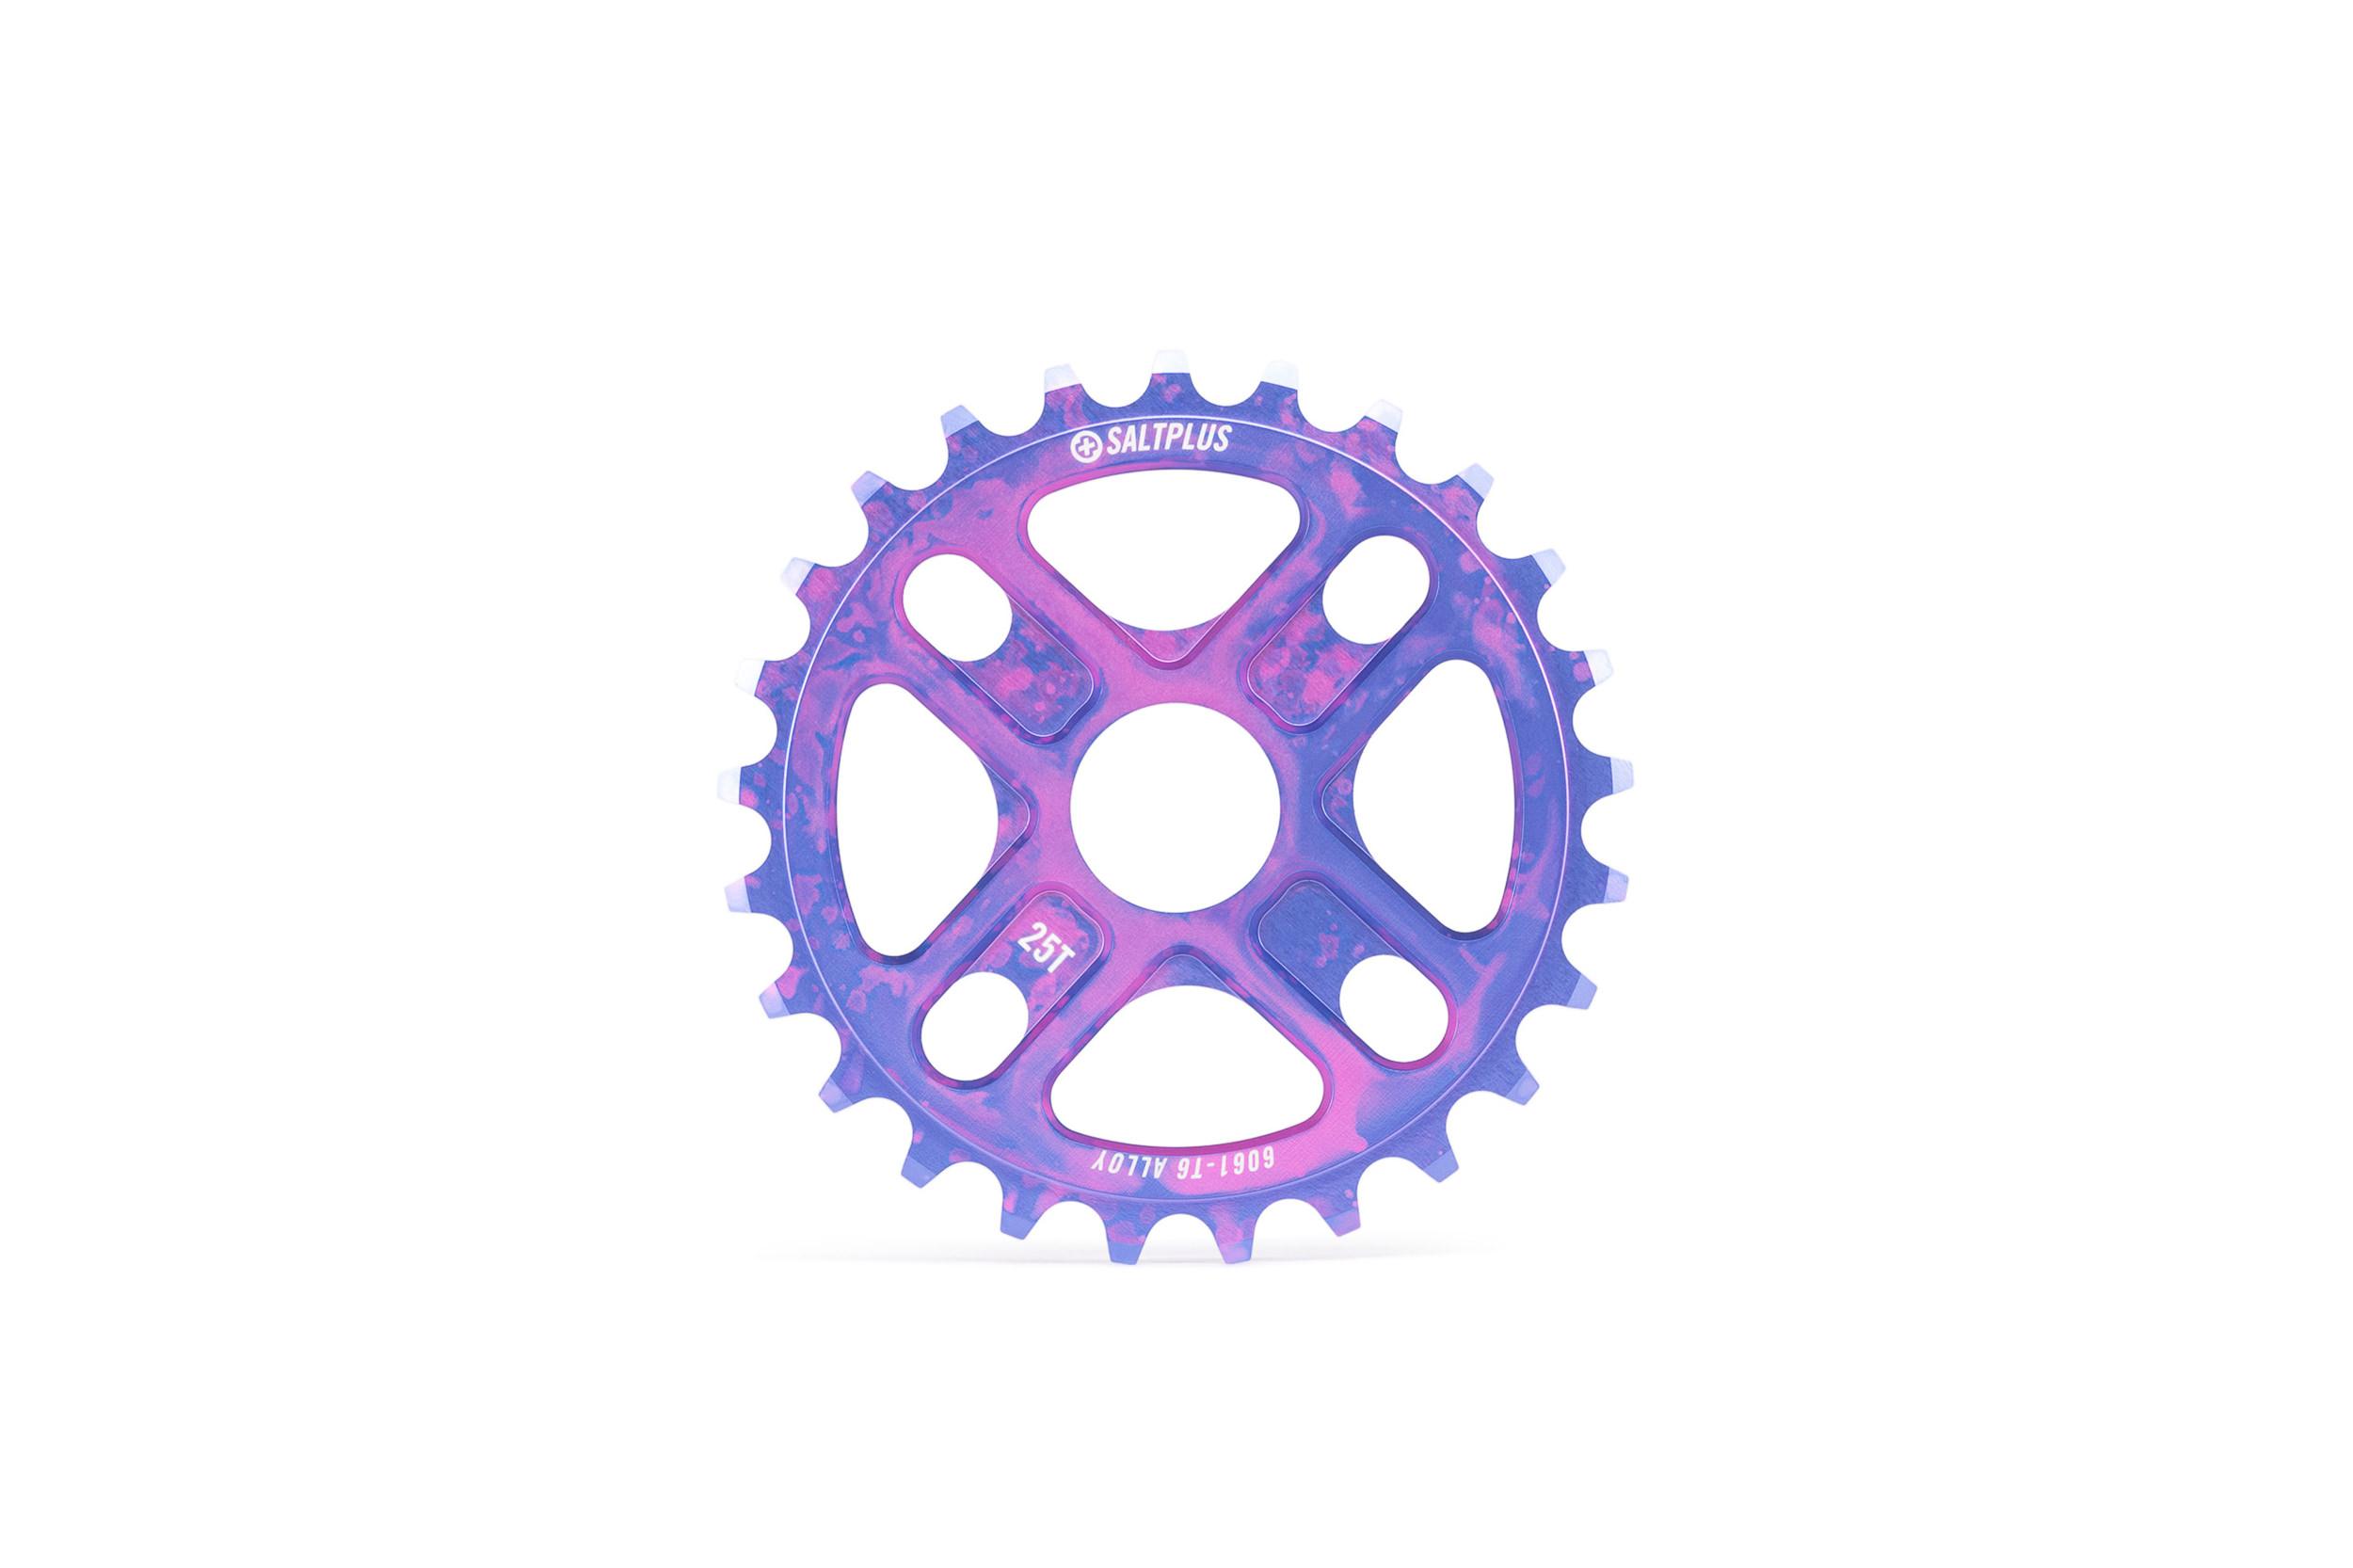 SaltPlus_Manta_sprocket_25t_nebula_purple-01